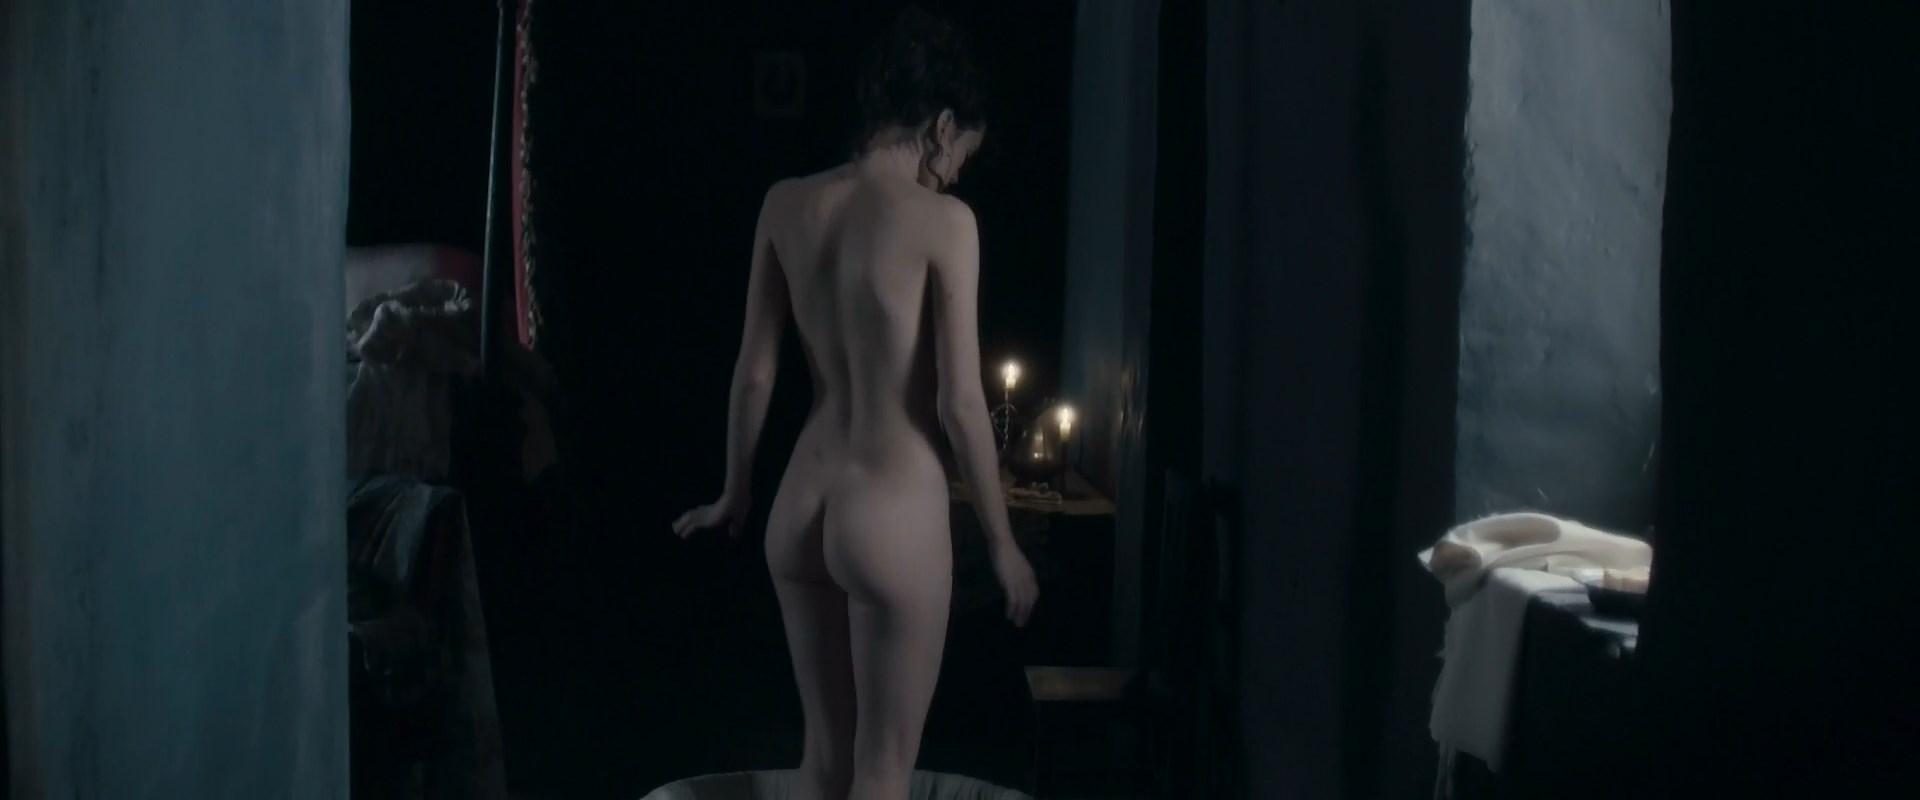 Explicit Nudecelebvideo Your Box Of Nude Celebrities